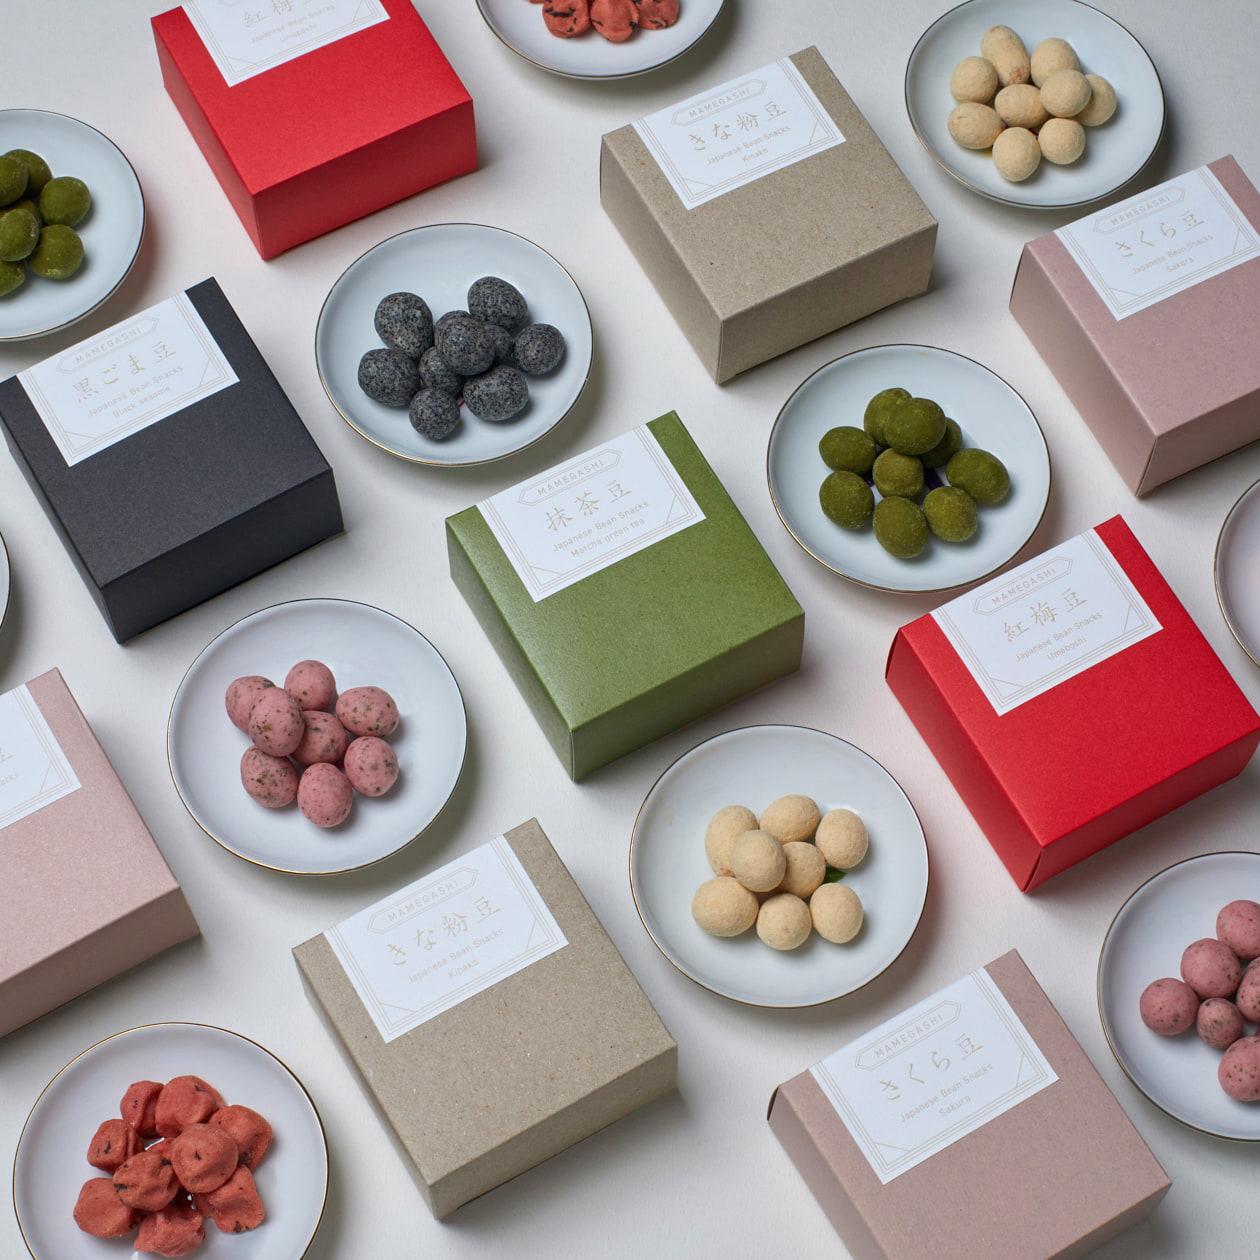 豆菓子の商品パッケージ